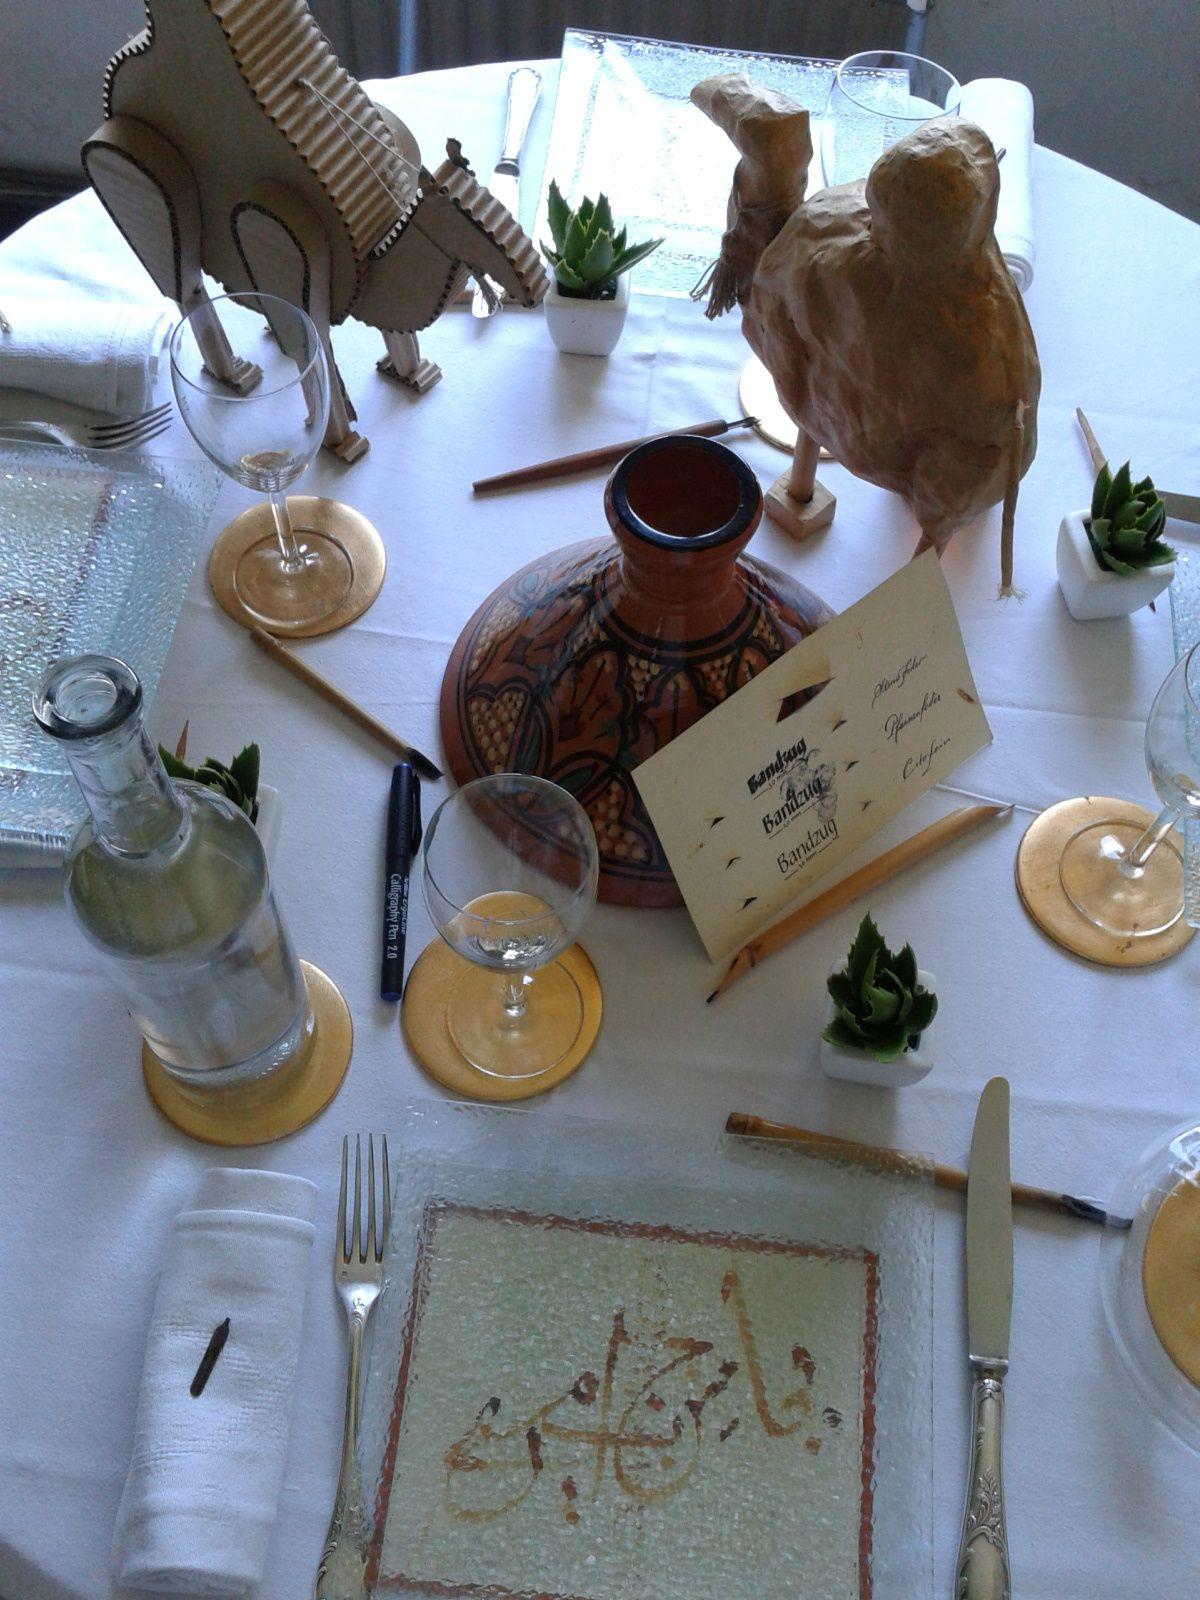 repas du 7 la déco était sur le thème de la calligraphie.